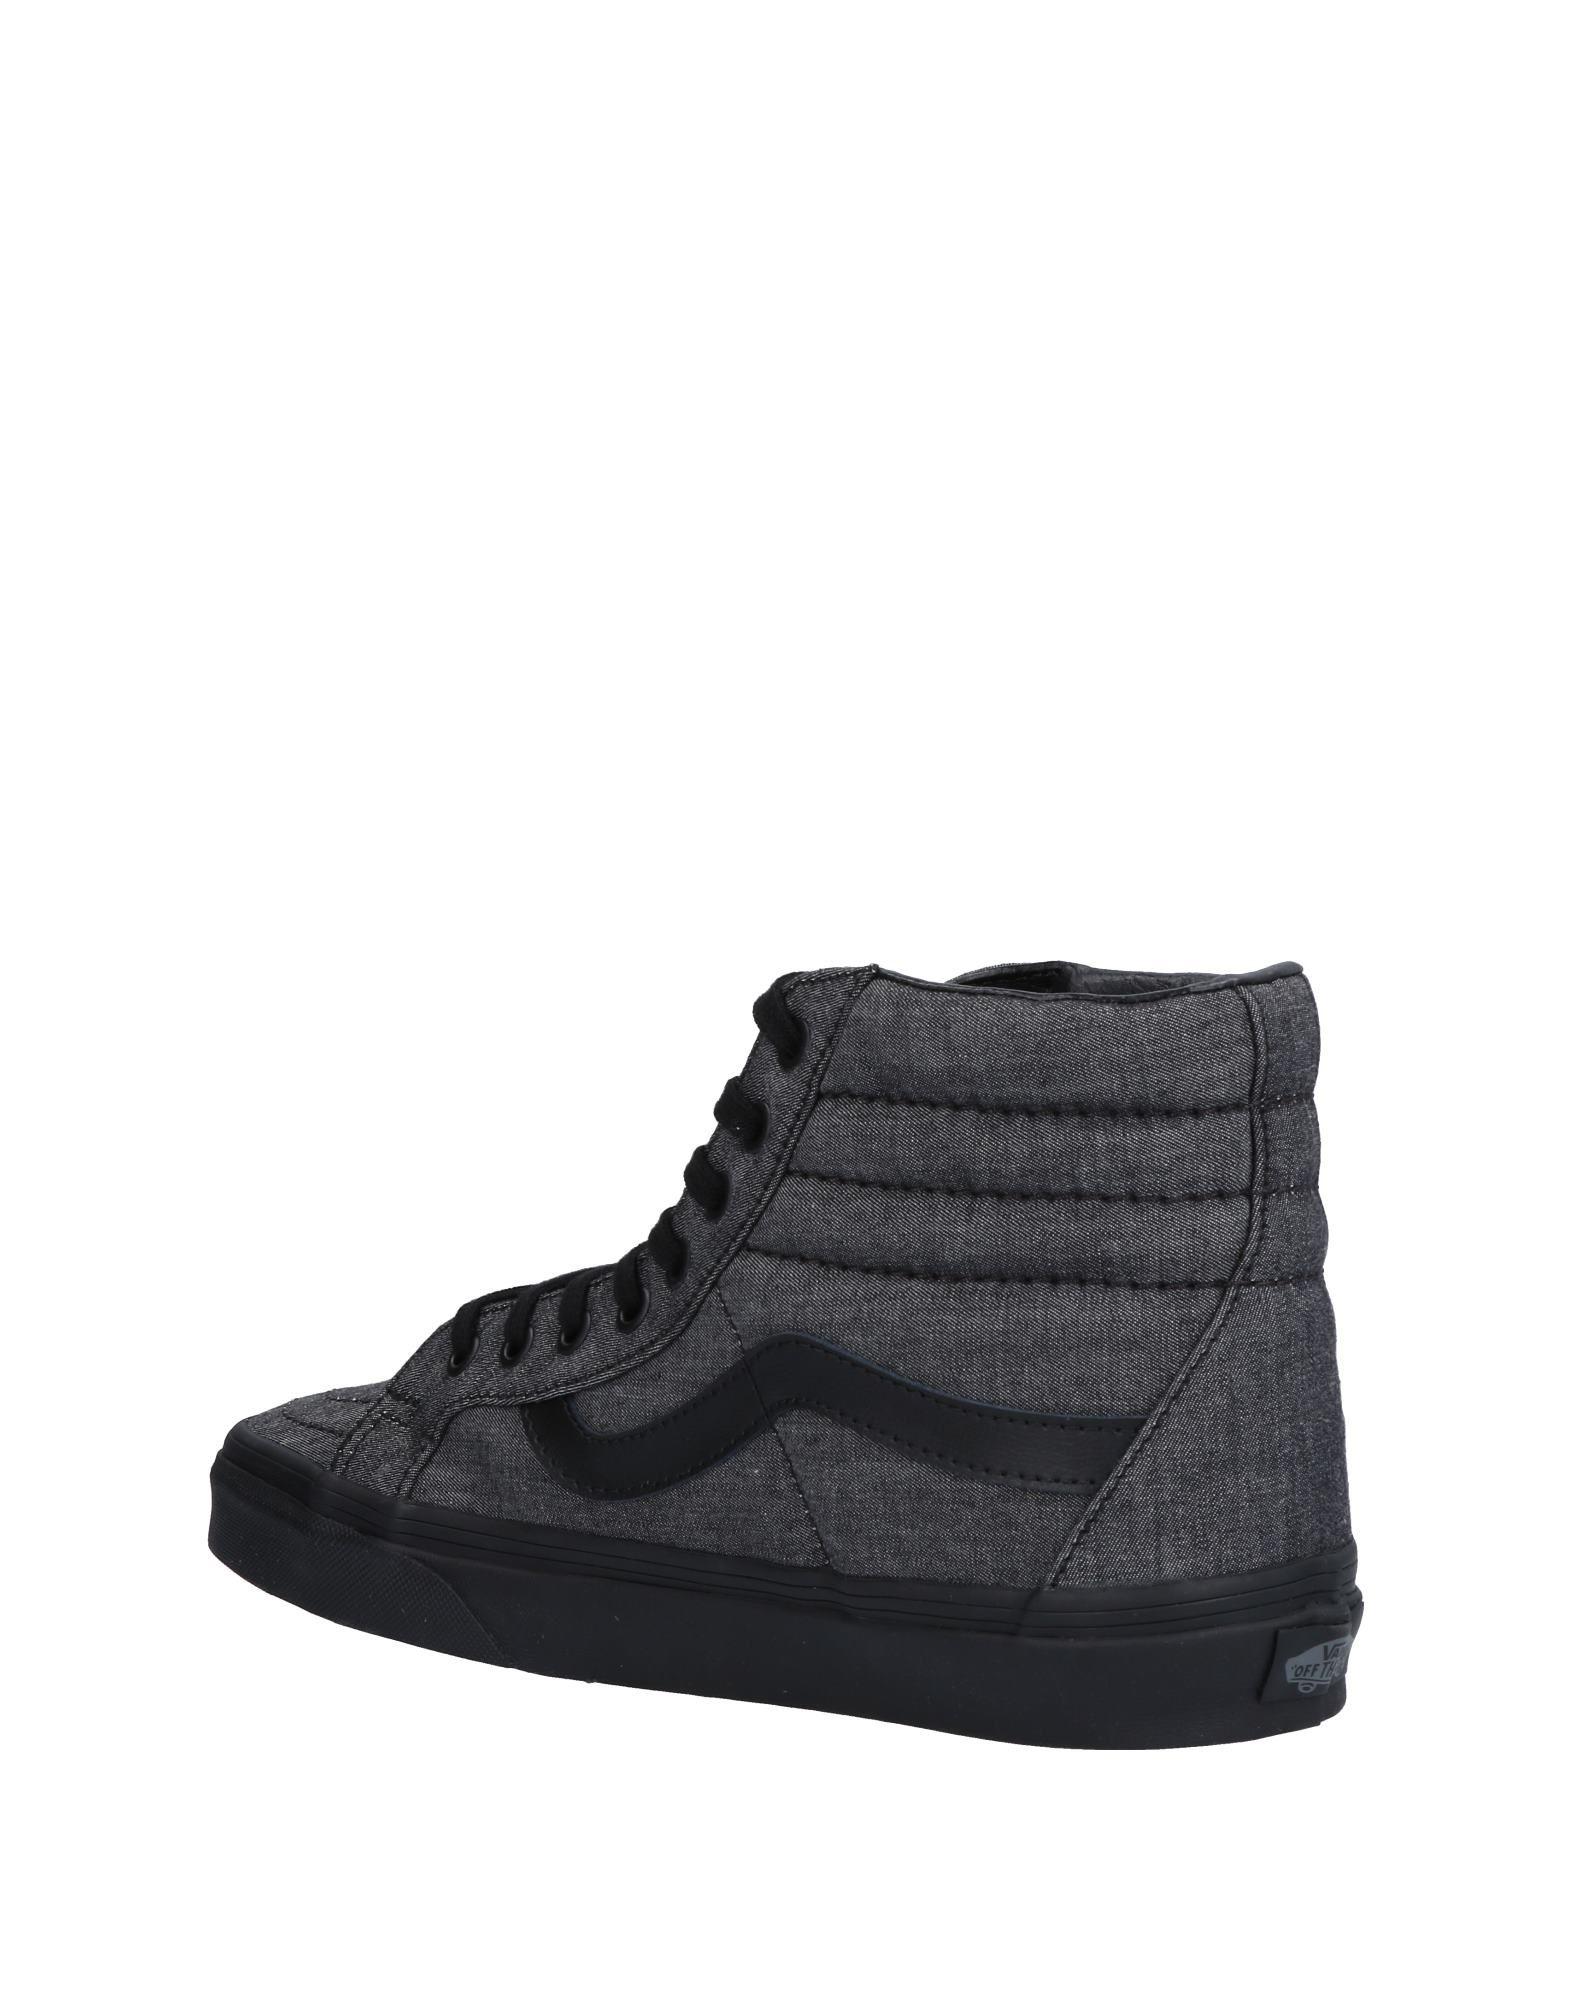 Rabatt echte Schuhe 11494998SF Vans Sneakers Herren  11494998SF Schuhe 39a36c